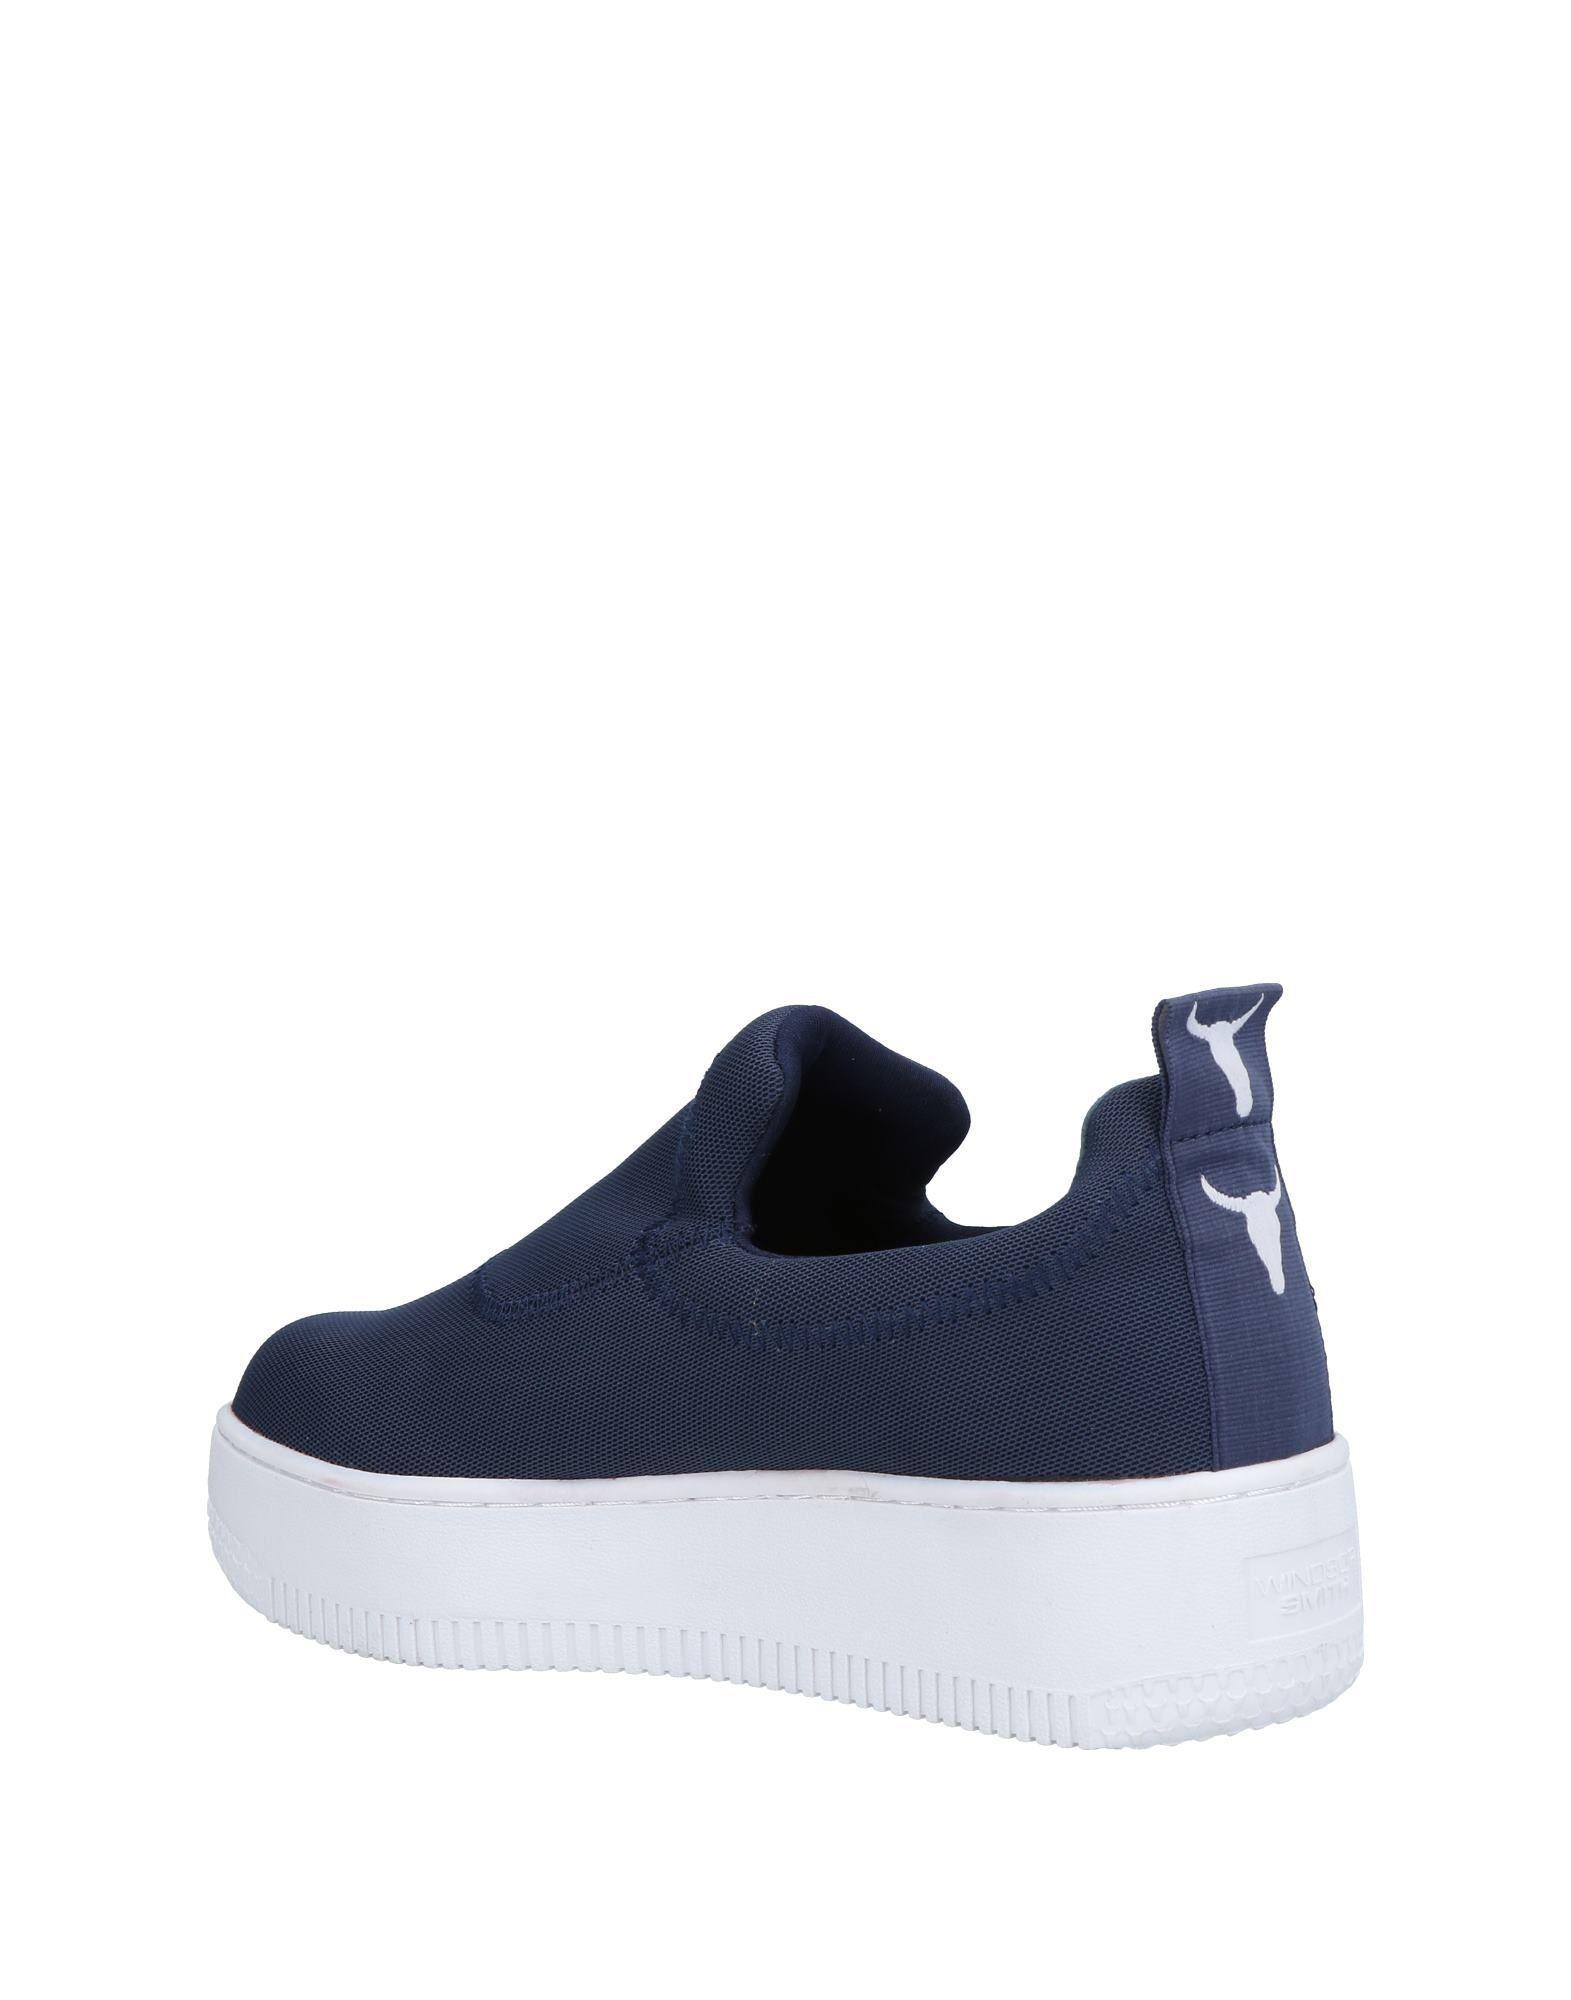 FOOTWEAR - Low-tops & sneakers Windsor Smith 0cVGd